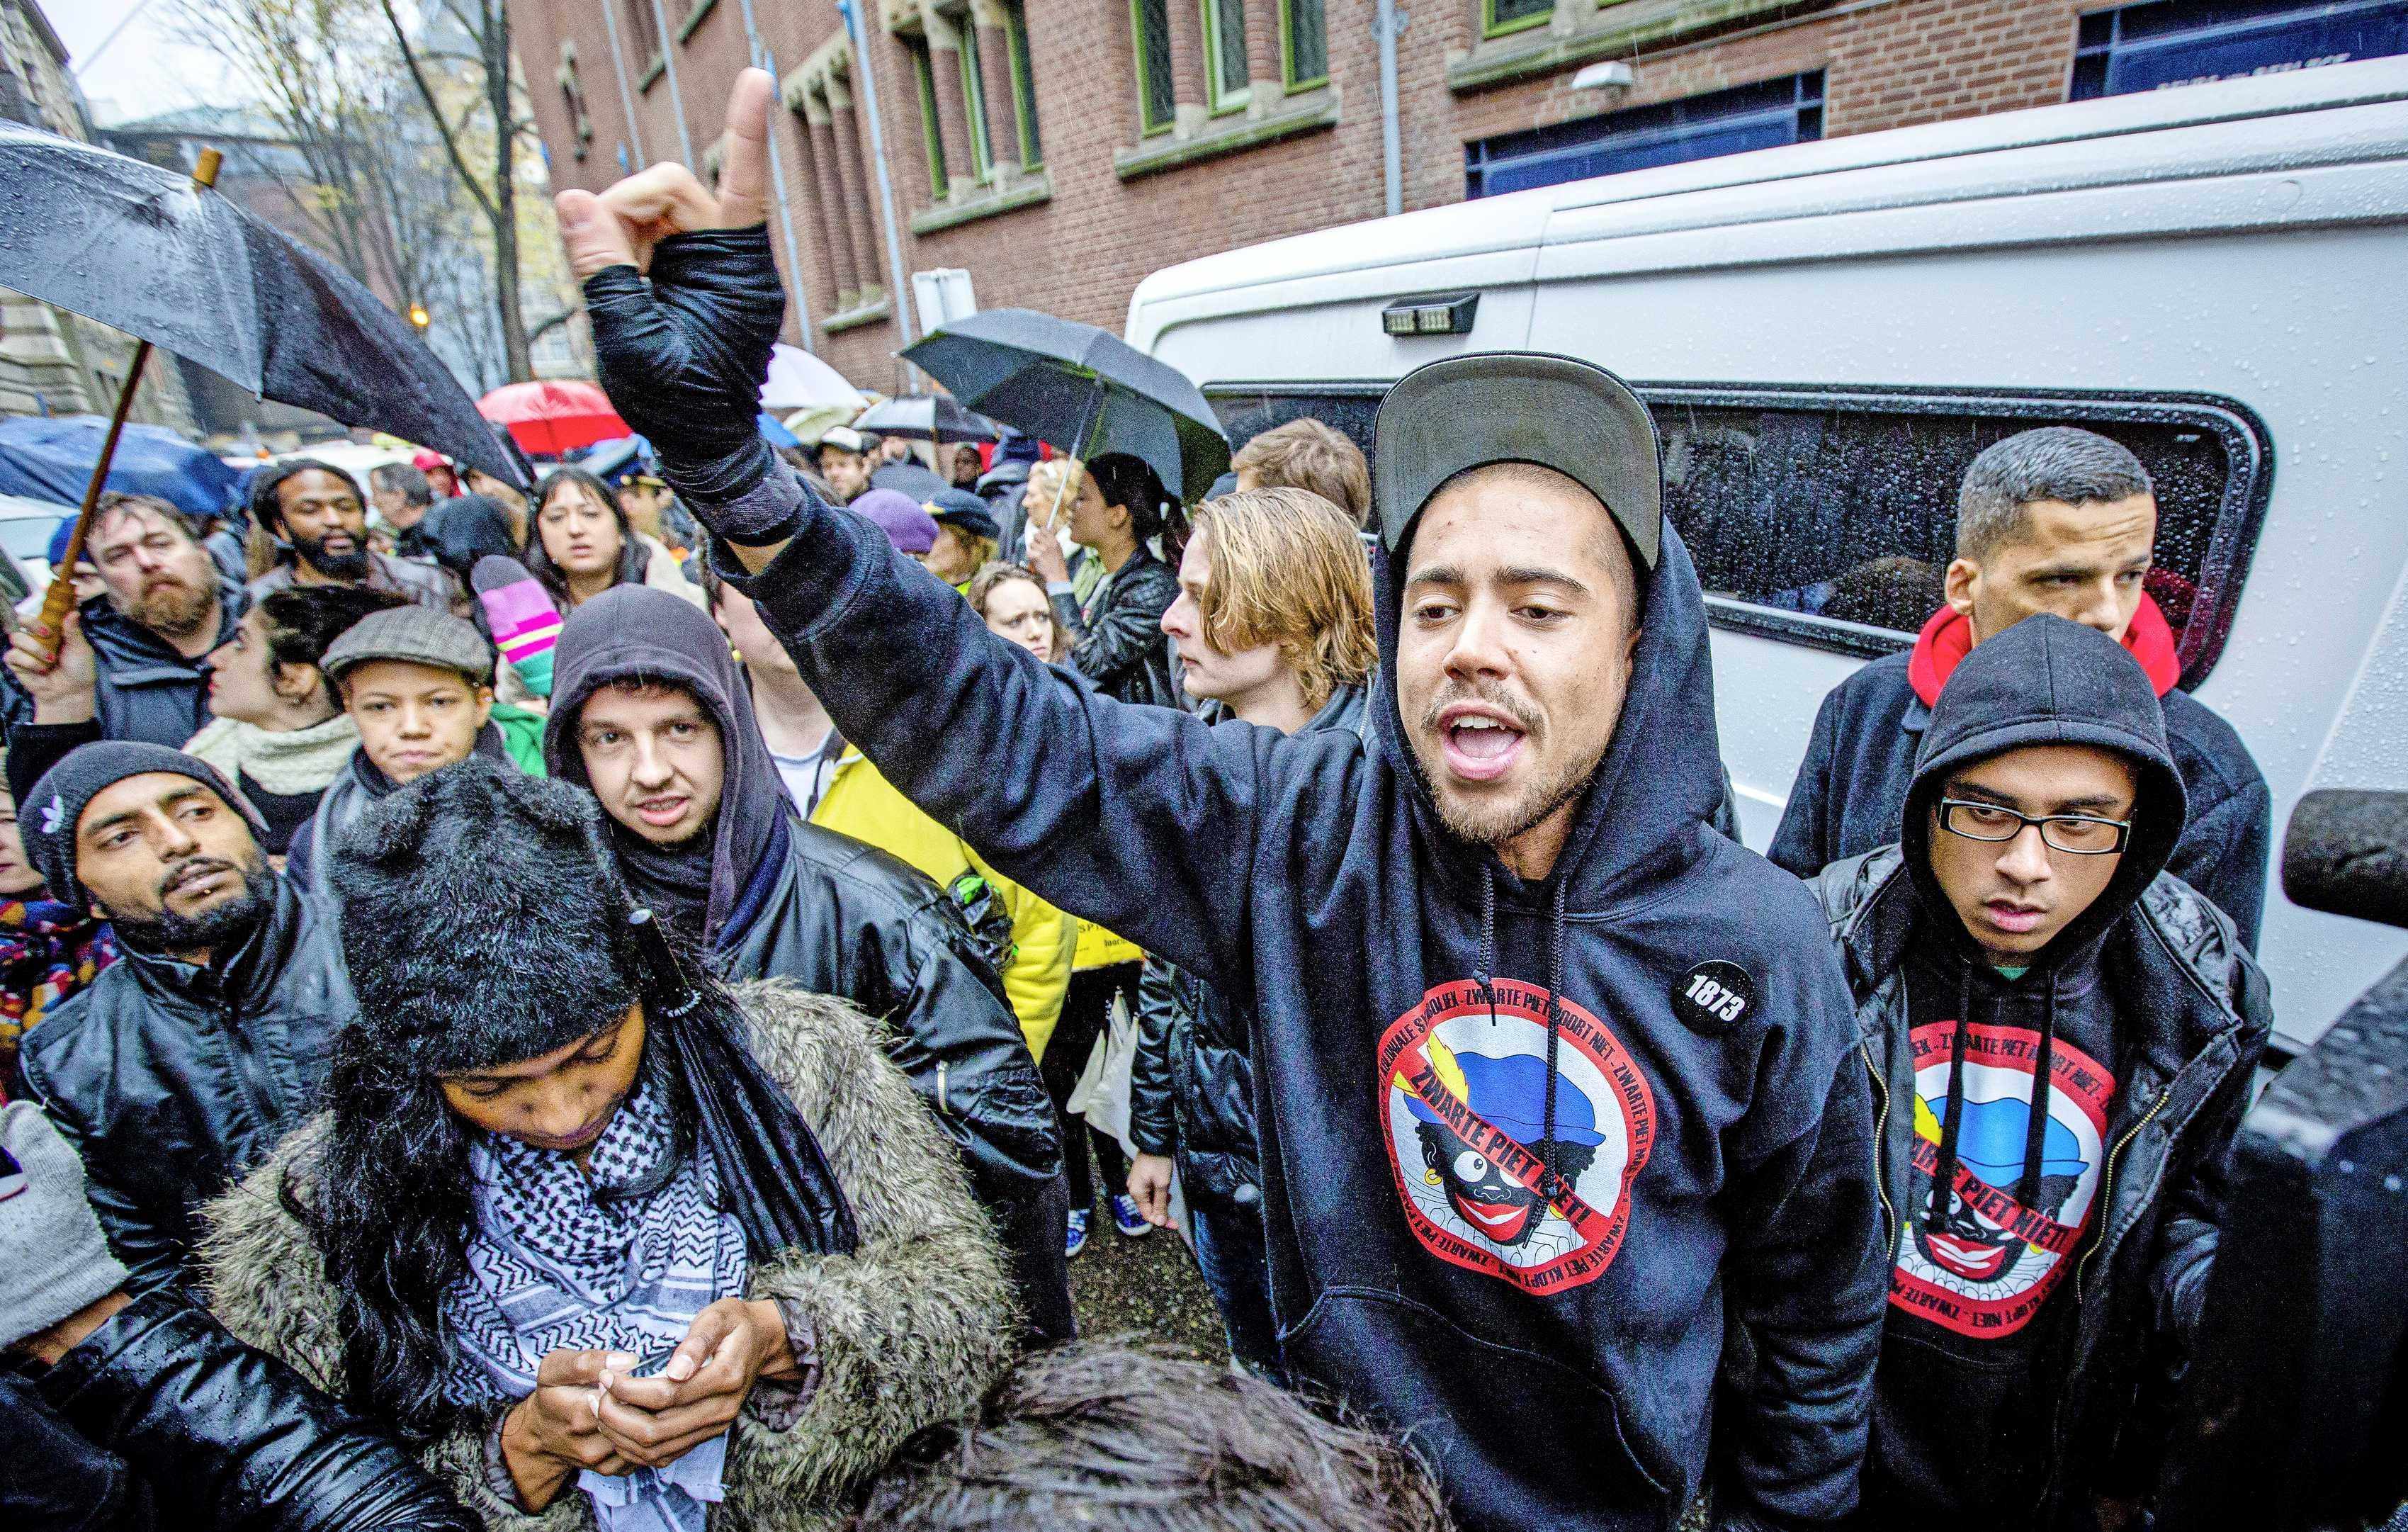 Stadsdichter Haarlem door burgemeester en wethouders afgezet. Insayno vindt dat titel hem is afgepakt